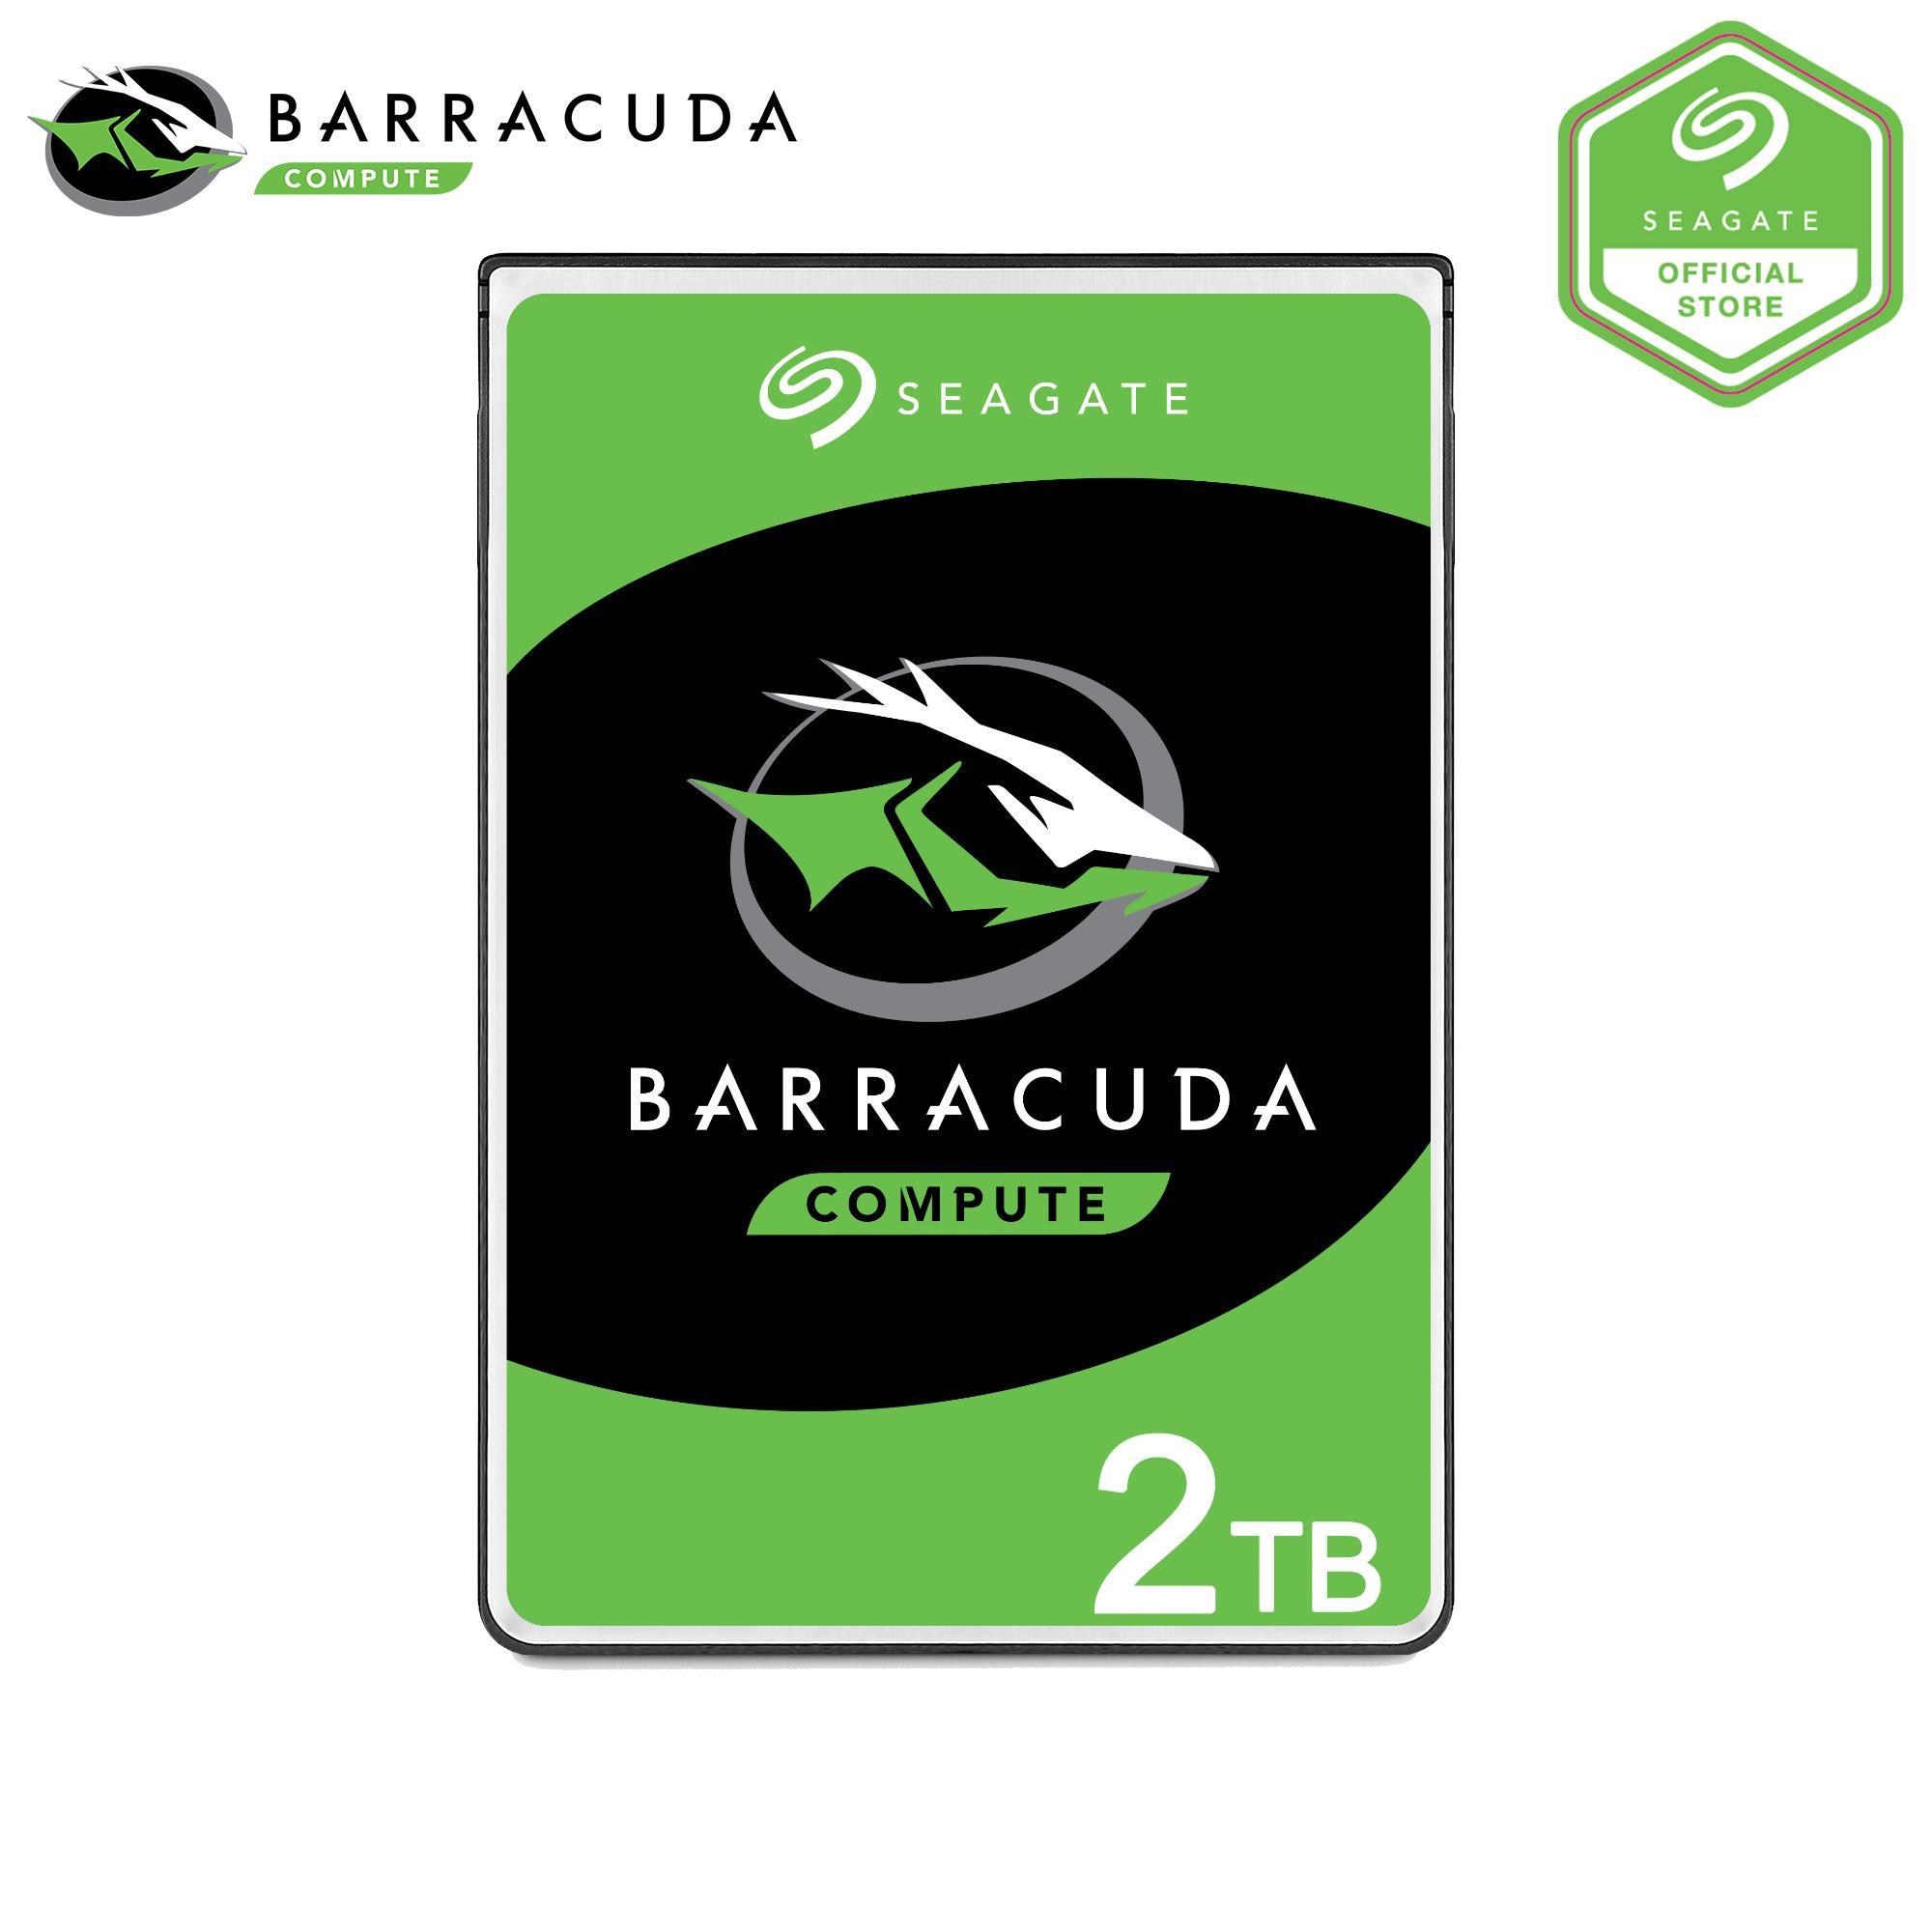 Seagate Barracuda 2 5